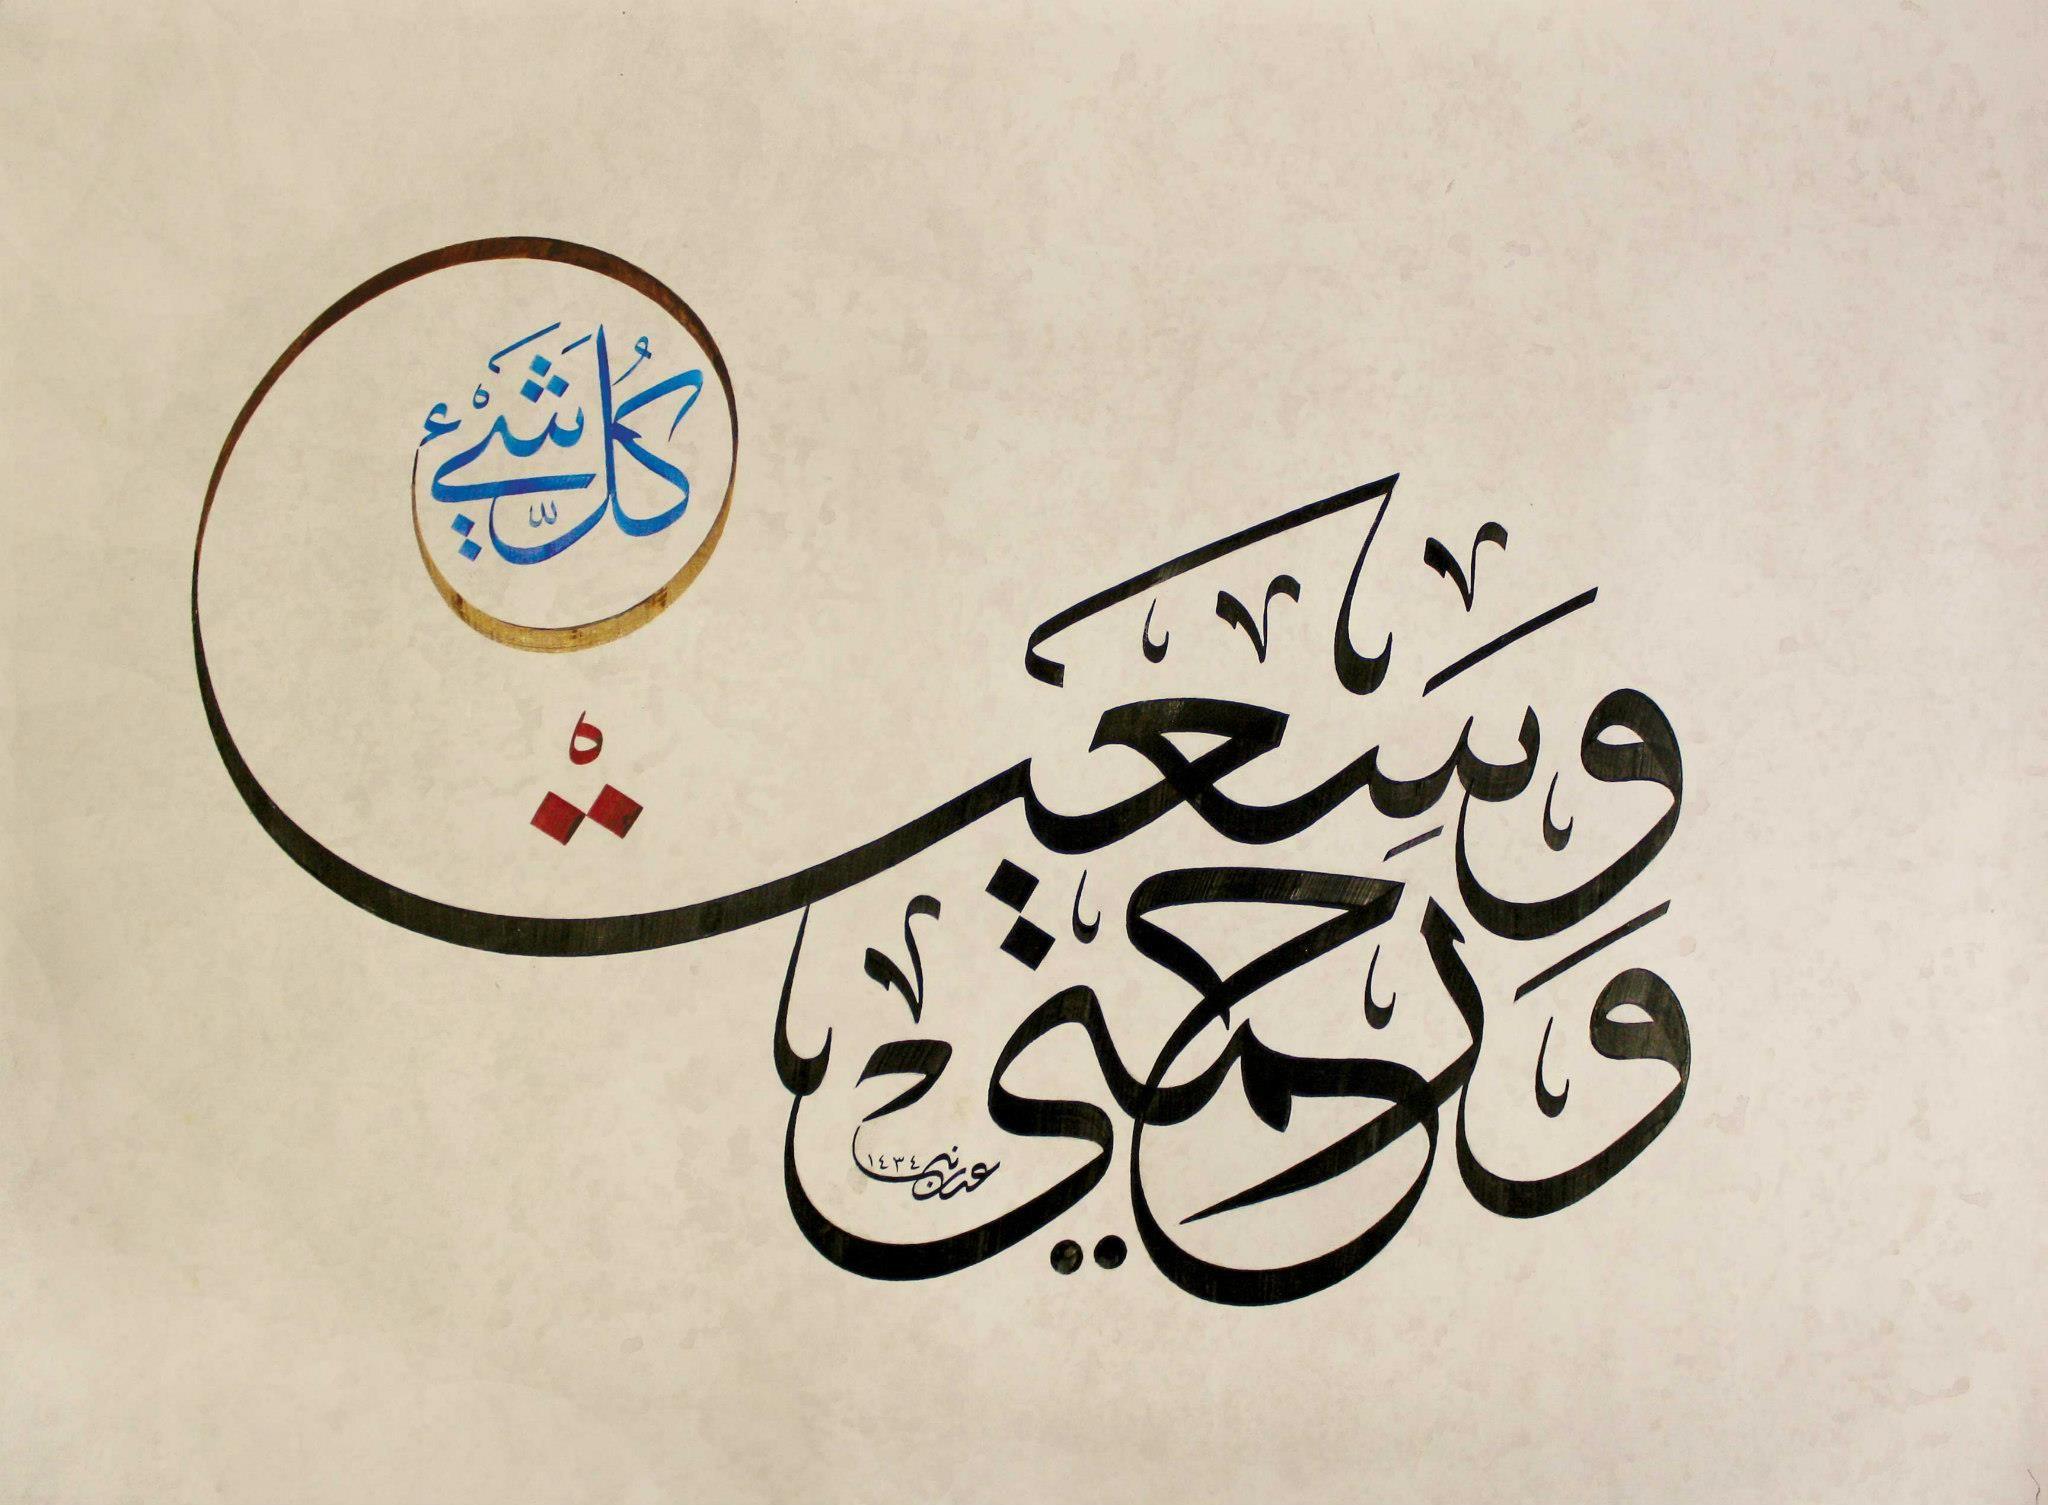 كتبها الخطاط : عدنان الشيخ عثمان- سوريا | Islamic art calligraphy, Islamic  calligraphy, Arabic calligraphy art